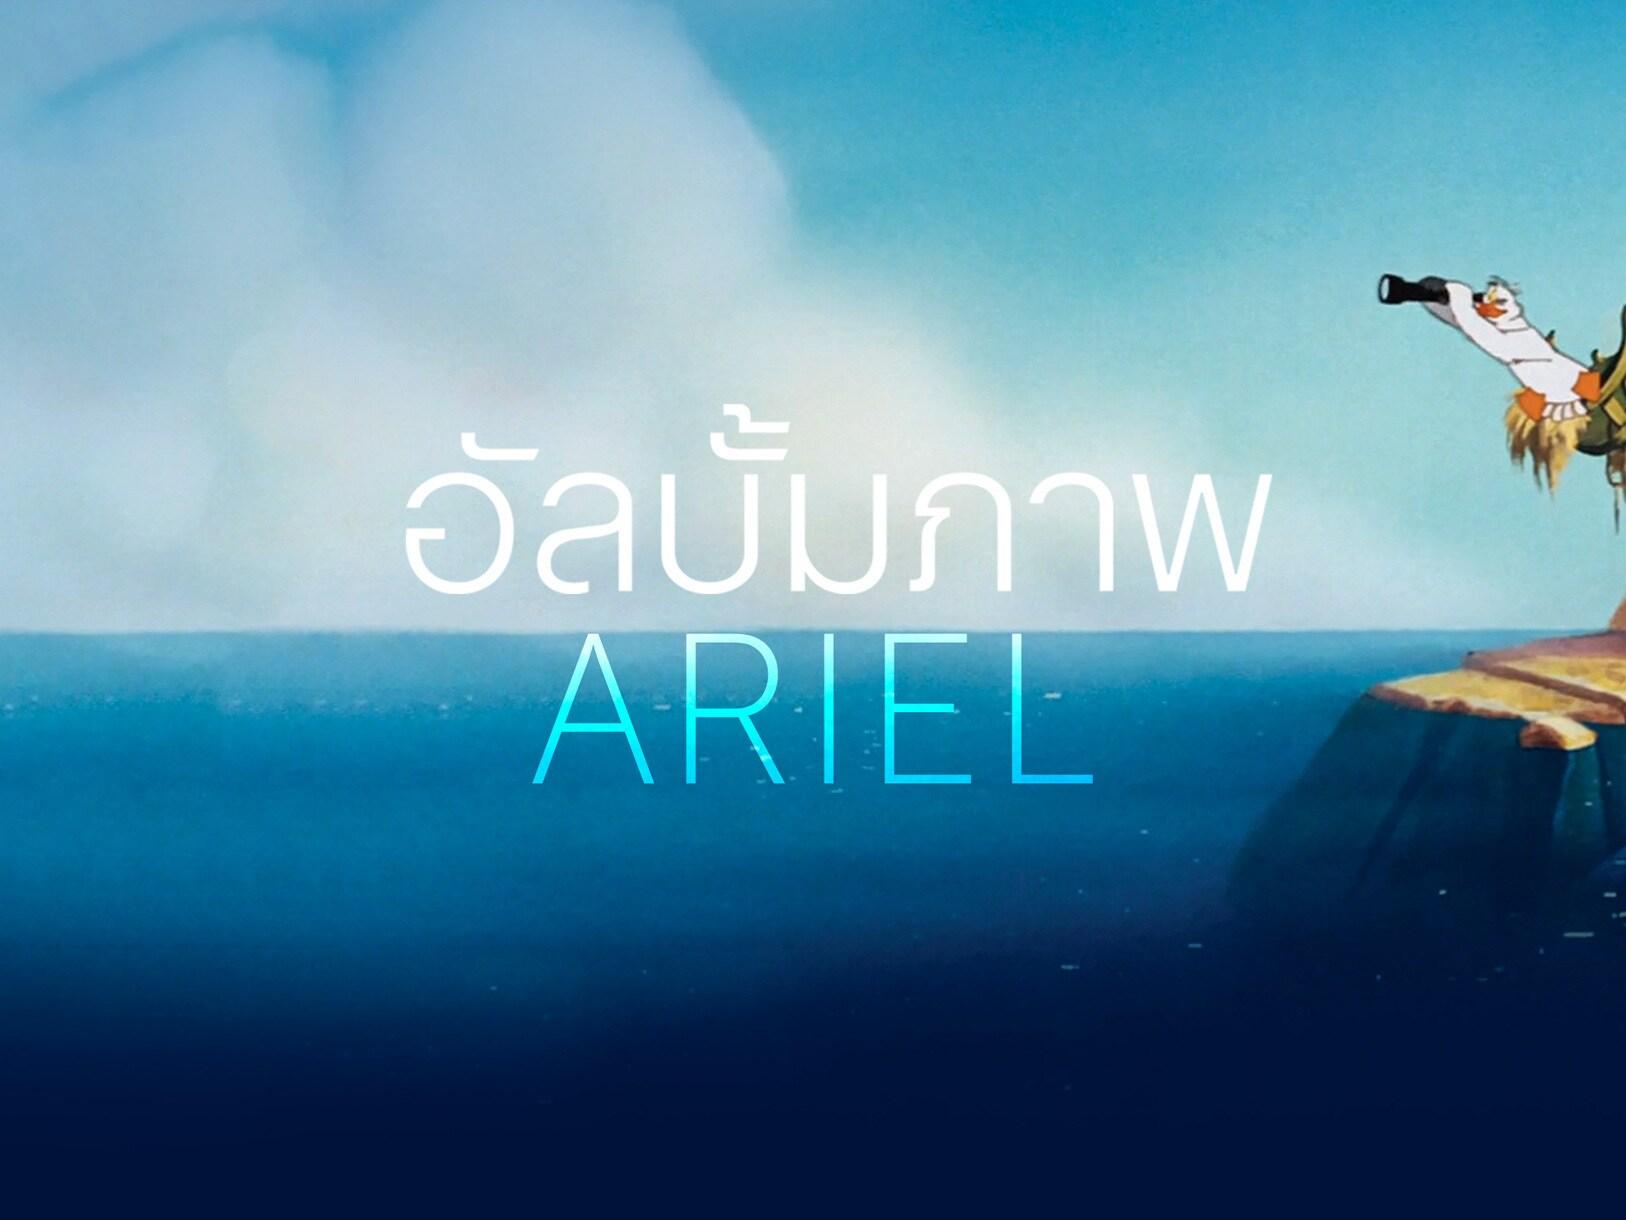 อัลบั้มภาพเจ้าหญิง Ariel